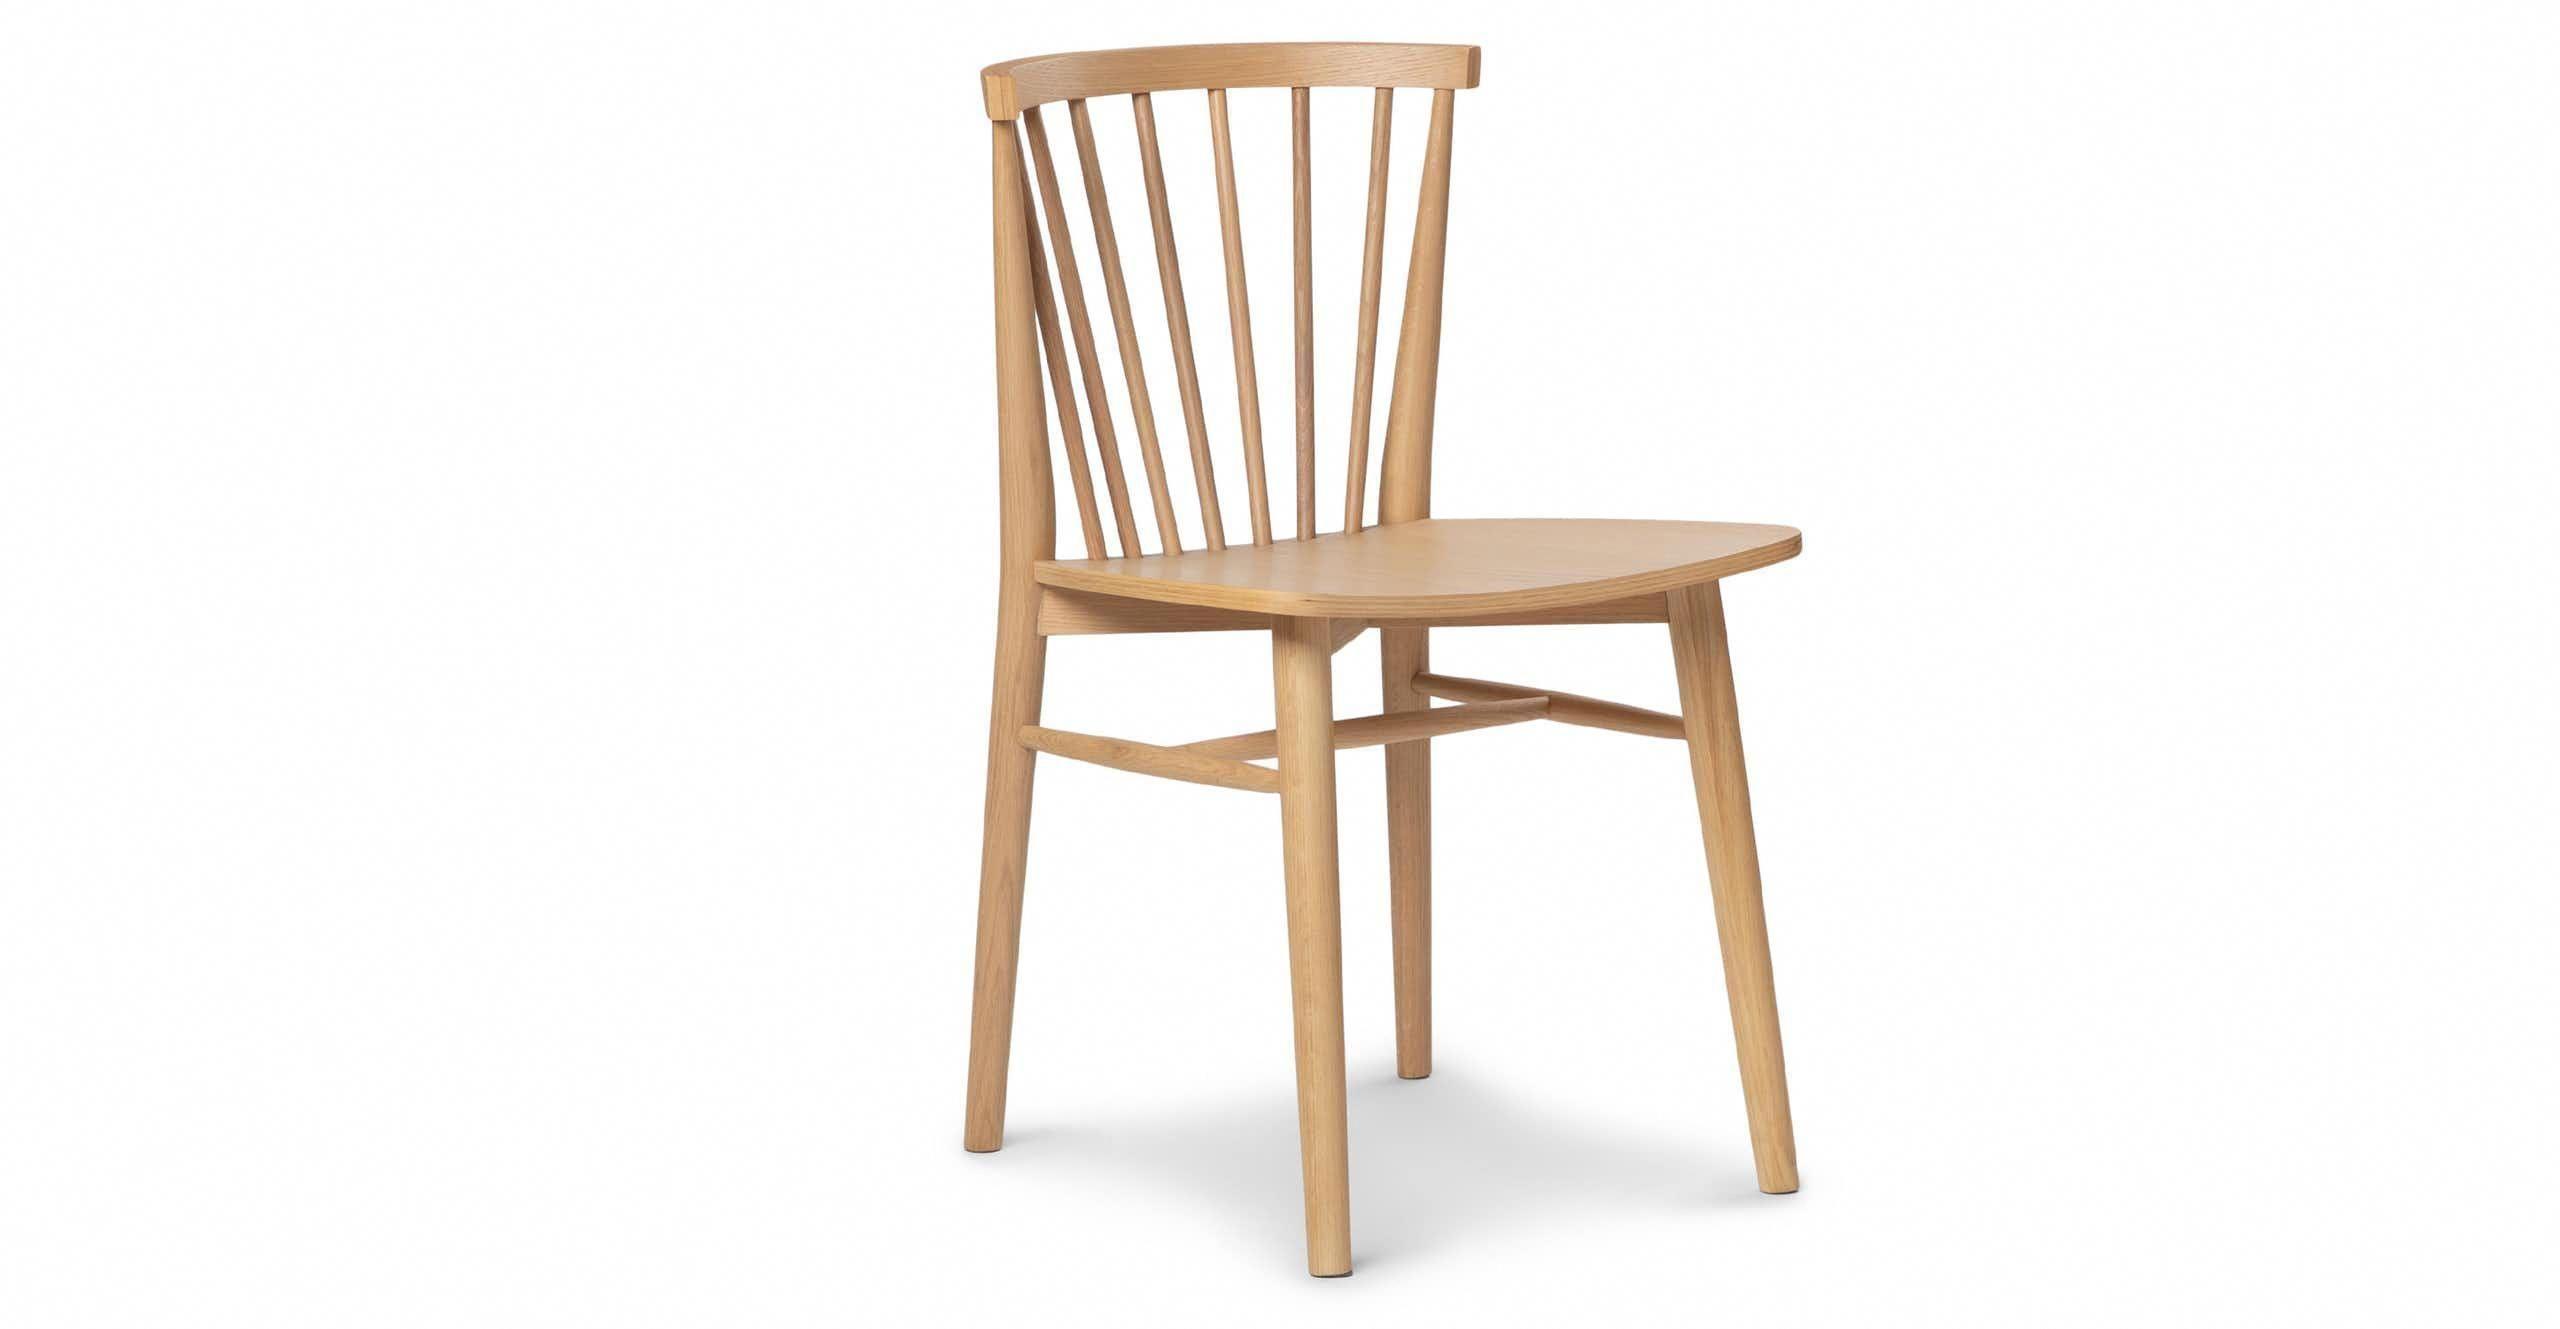 rus light oak dining chair scandinaviandiningchairs wicker dining rh pinterest com